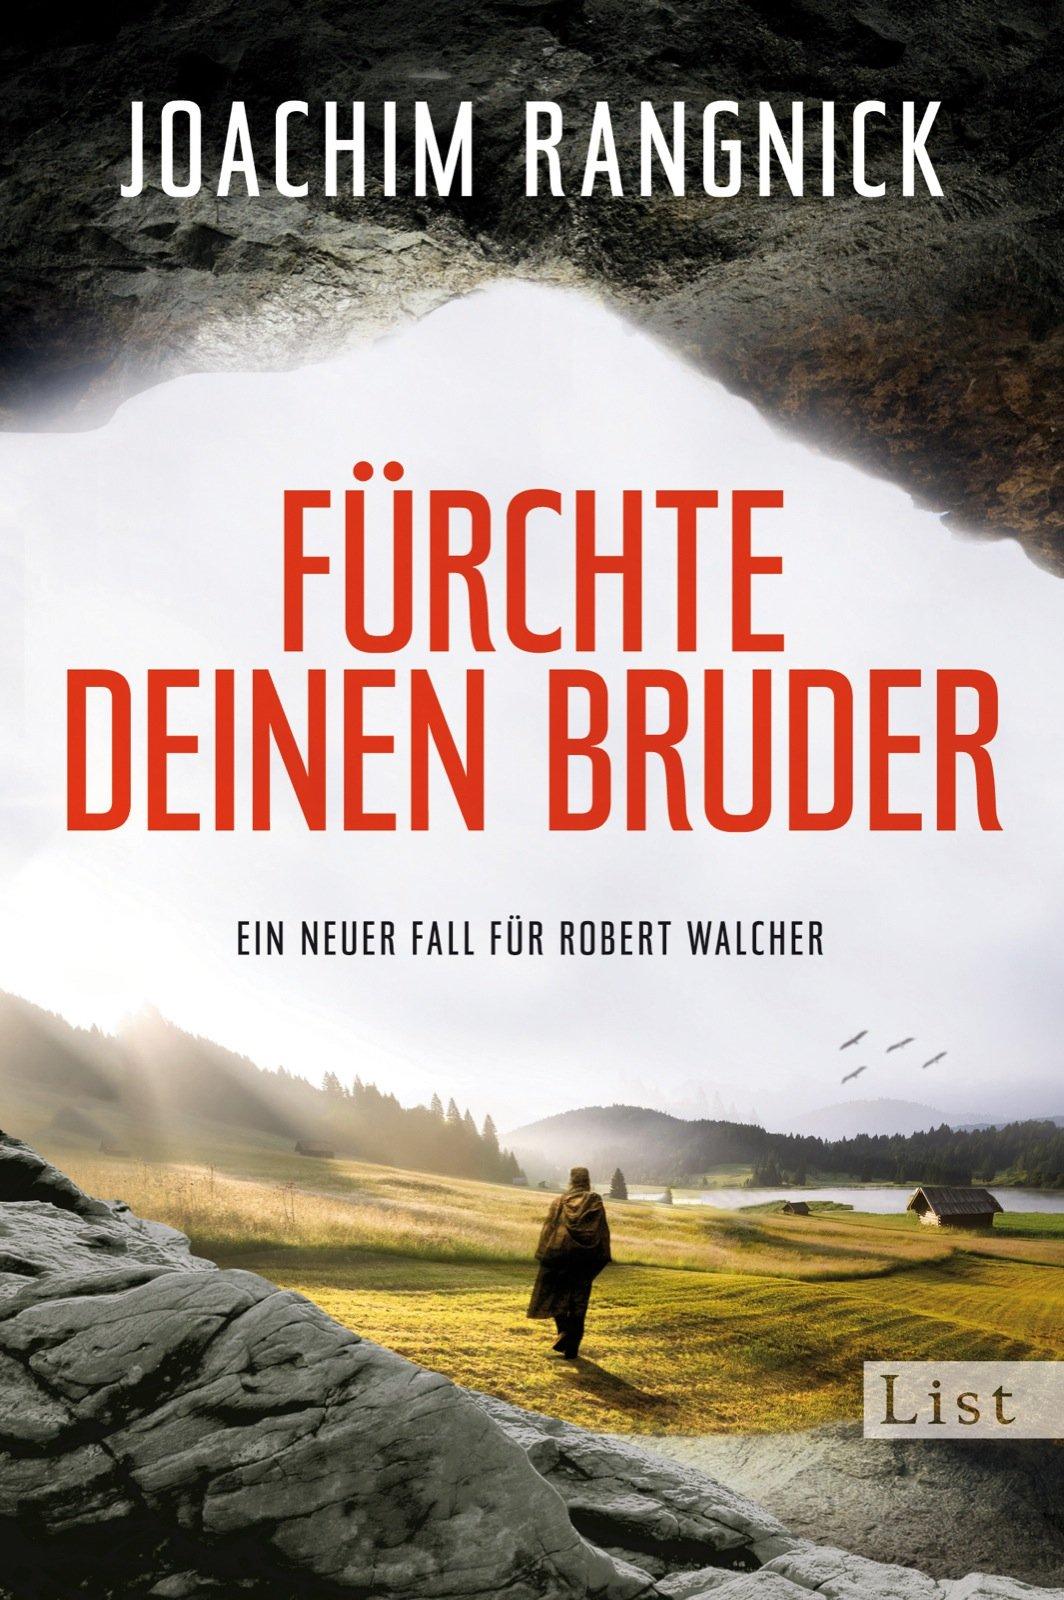 Fürchte deinen Bruder: Ein neuer Fall für Robert Walcher (Ein Robert-Walcher-Krimi, Band 10)